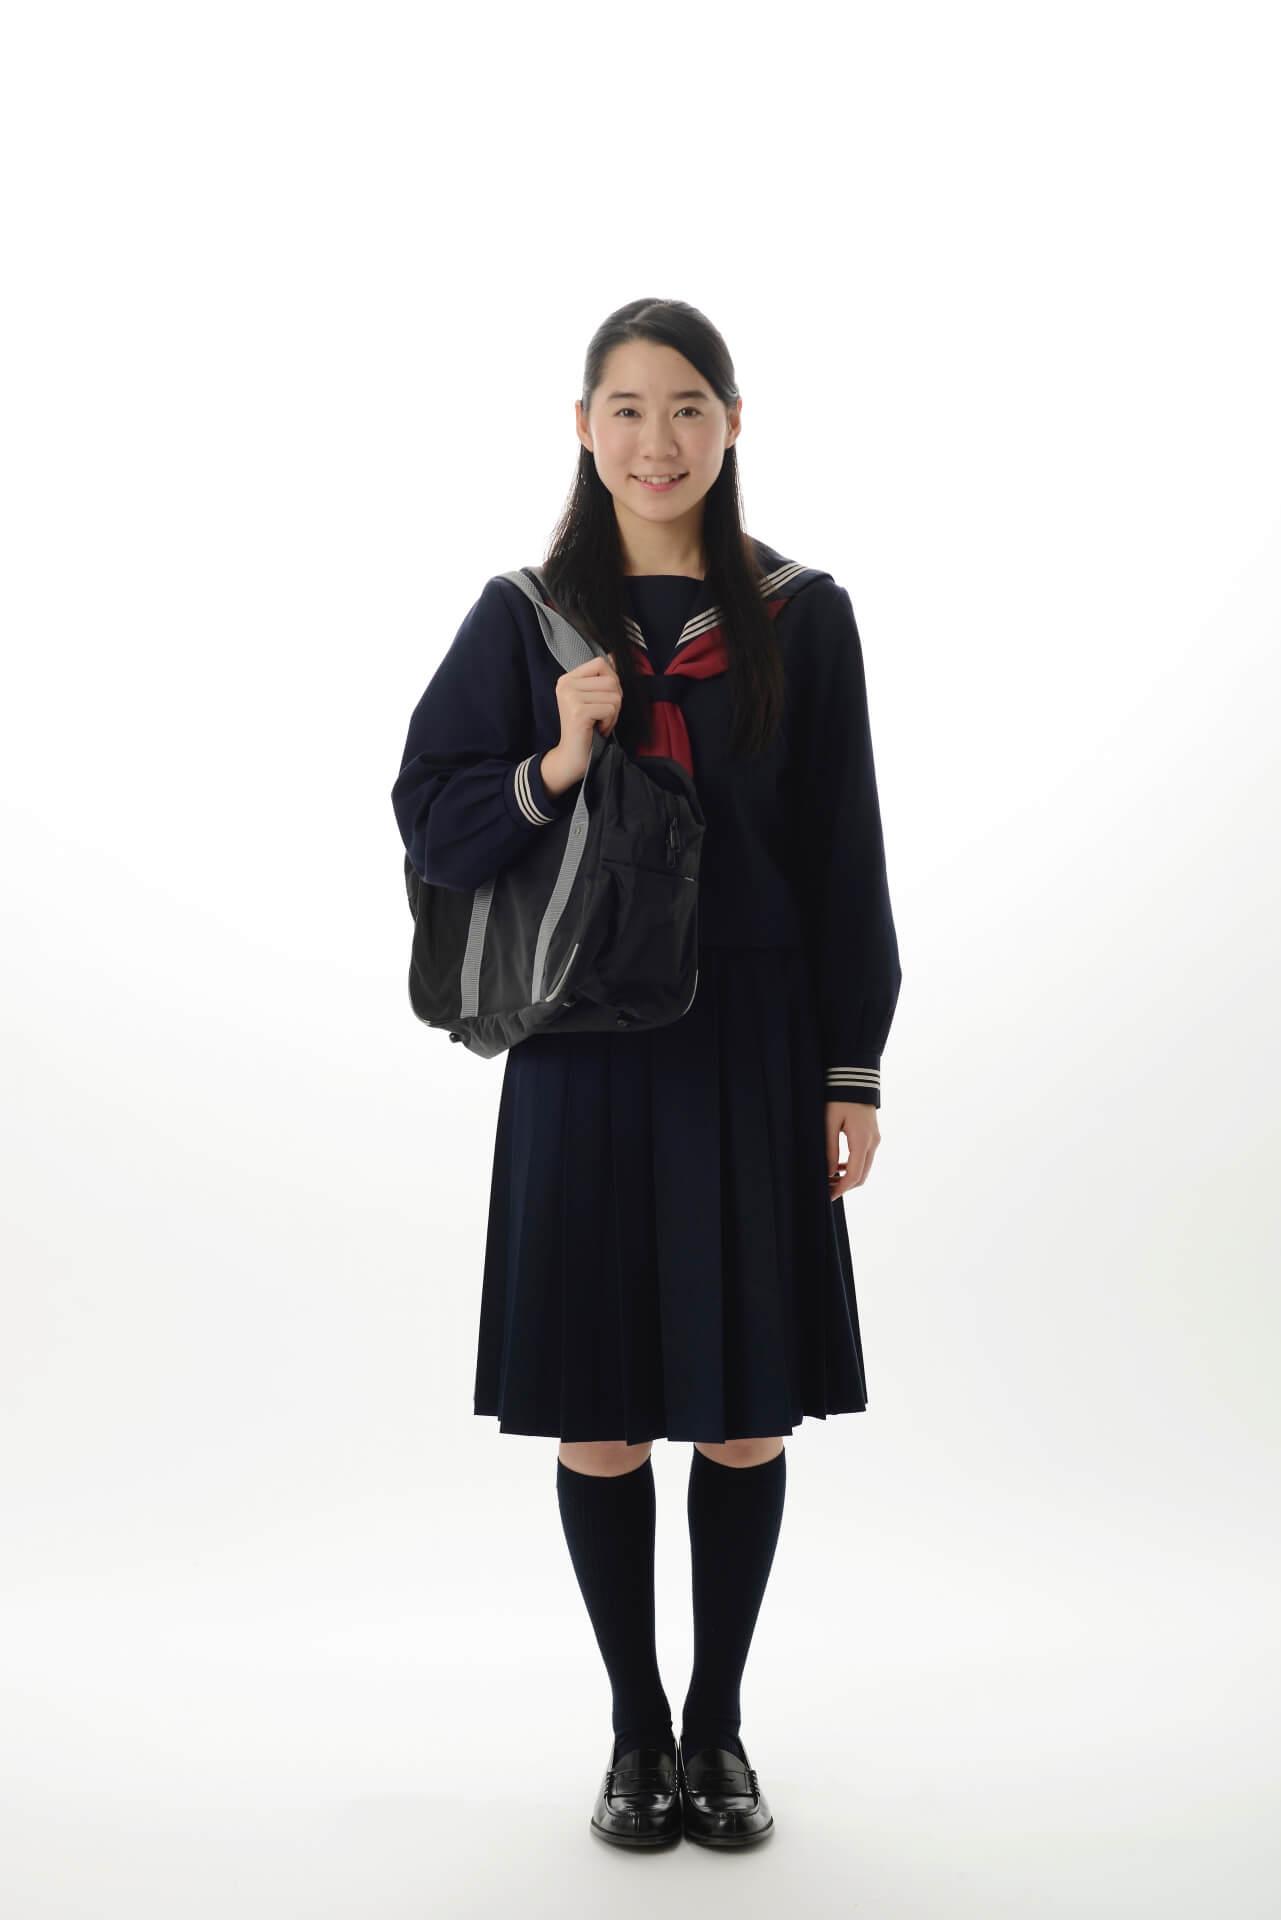 制服を着た女子中学生